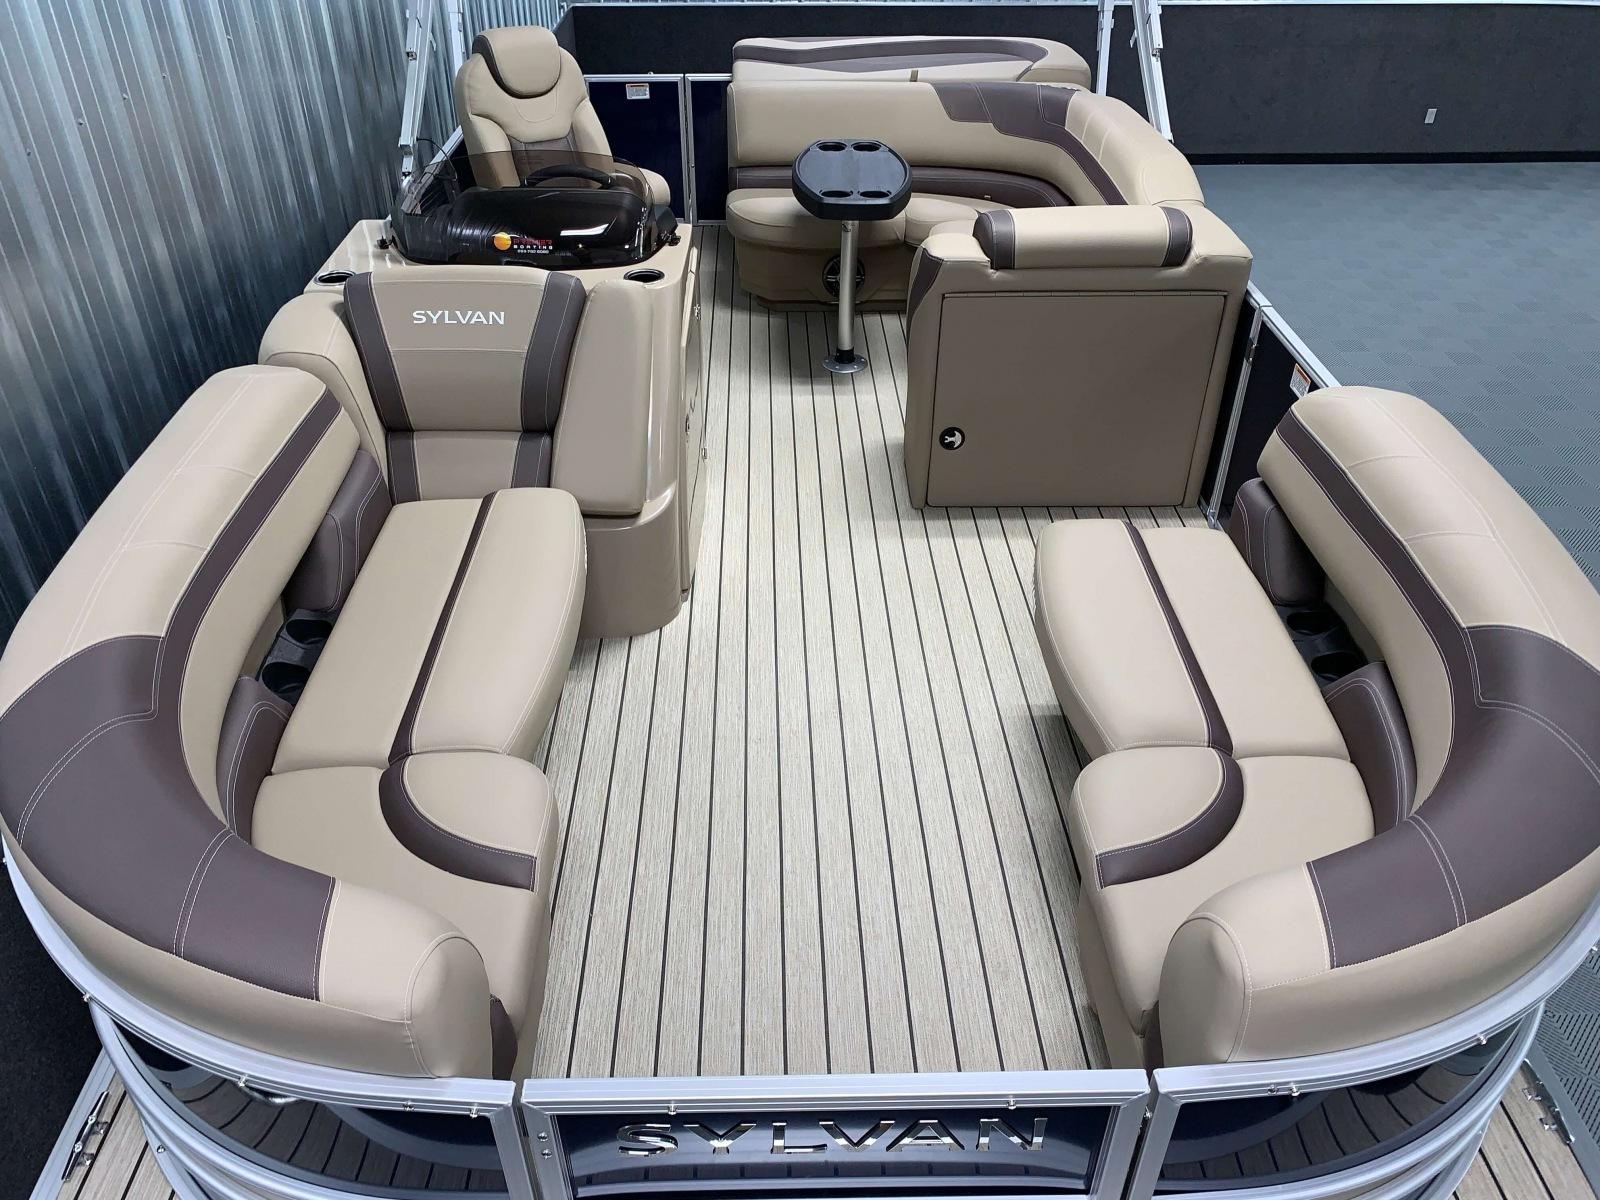 Teak Weave Vinyl Flooring of the 2022 Sylvan L1 Cruise Pontoon Boat